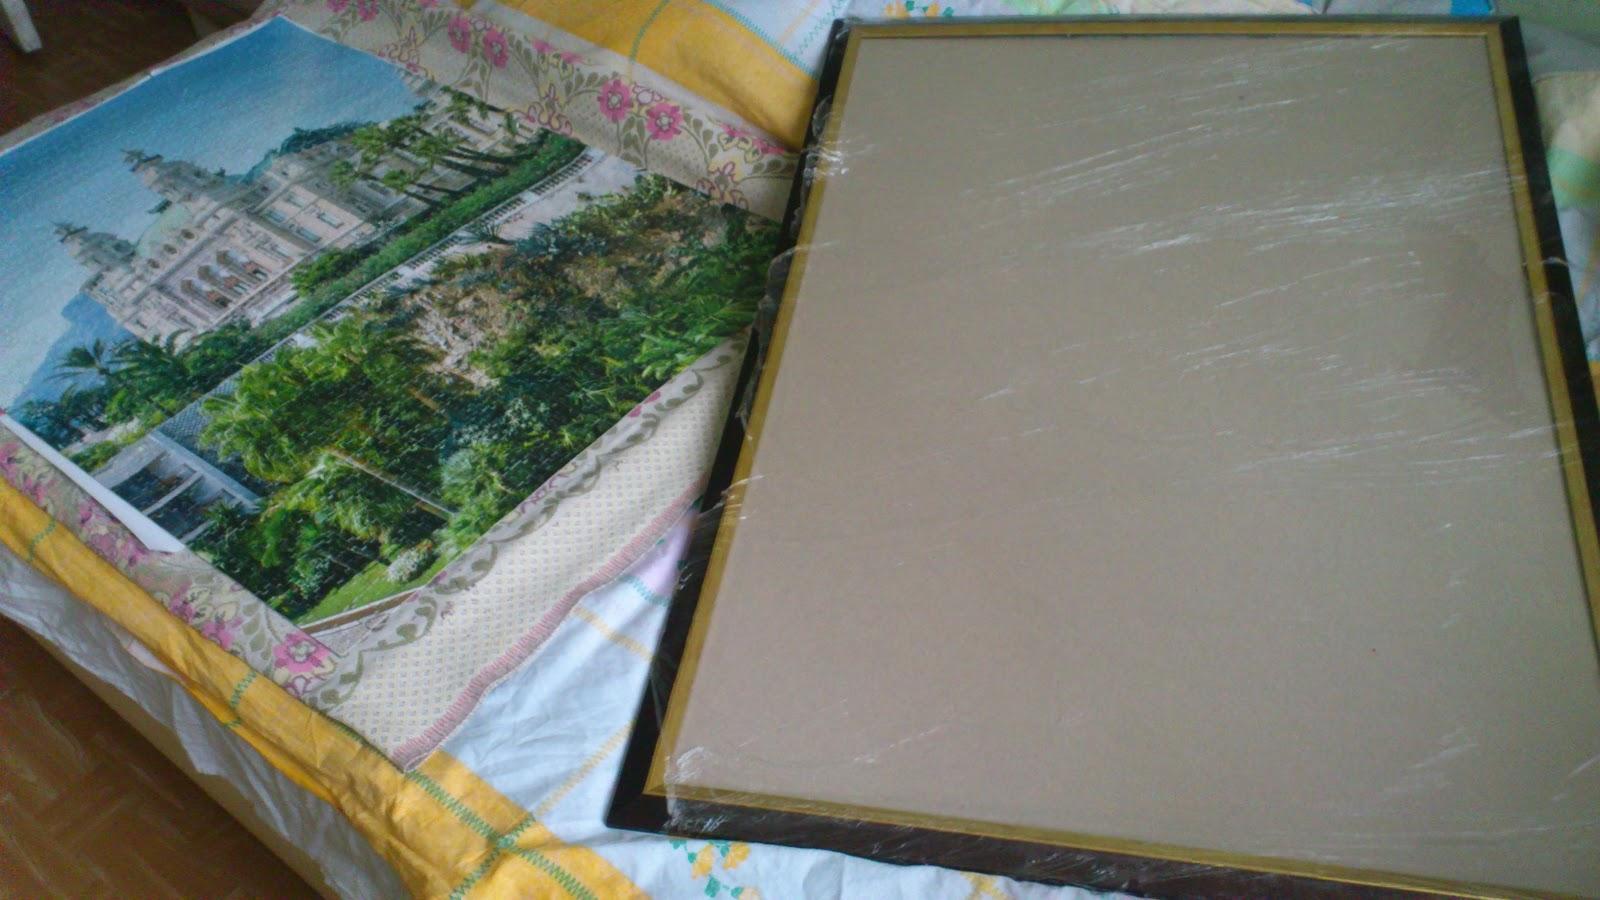 Как сделать картину из пазлов в рамку - популярные записи - 7я.ру 13